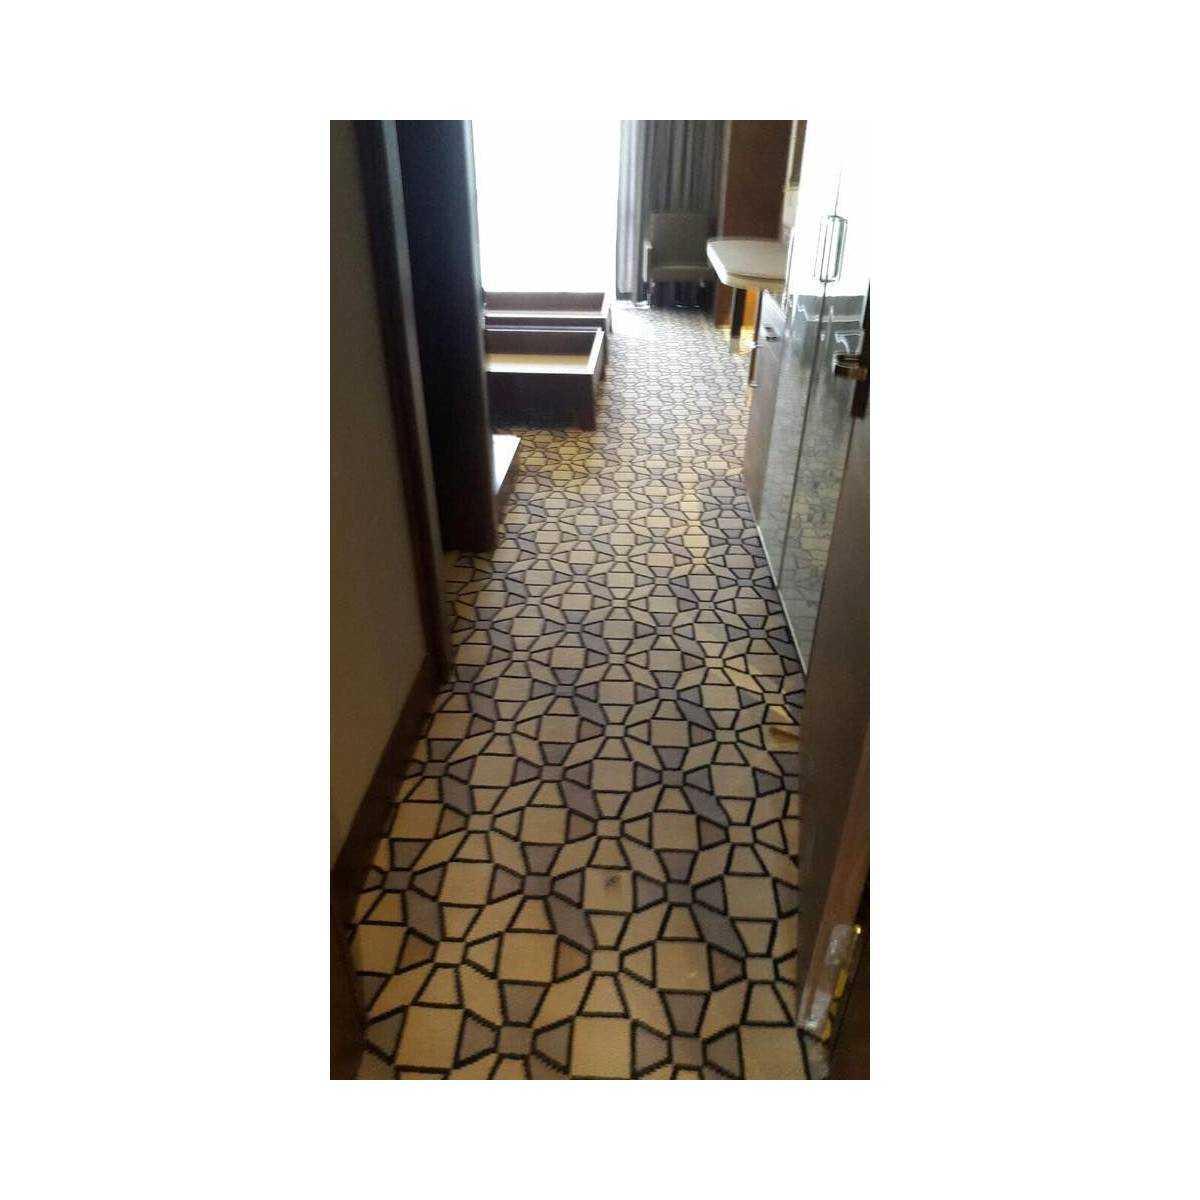 Ковры для коридоров carpet-room-cor.020 HASKUL HALI